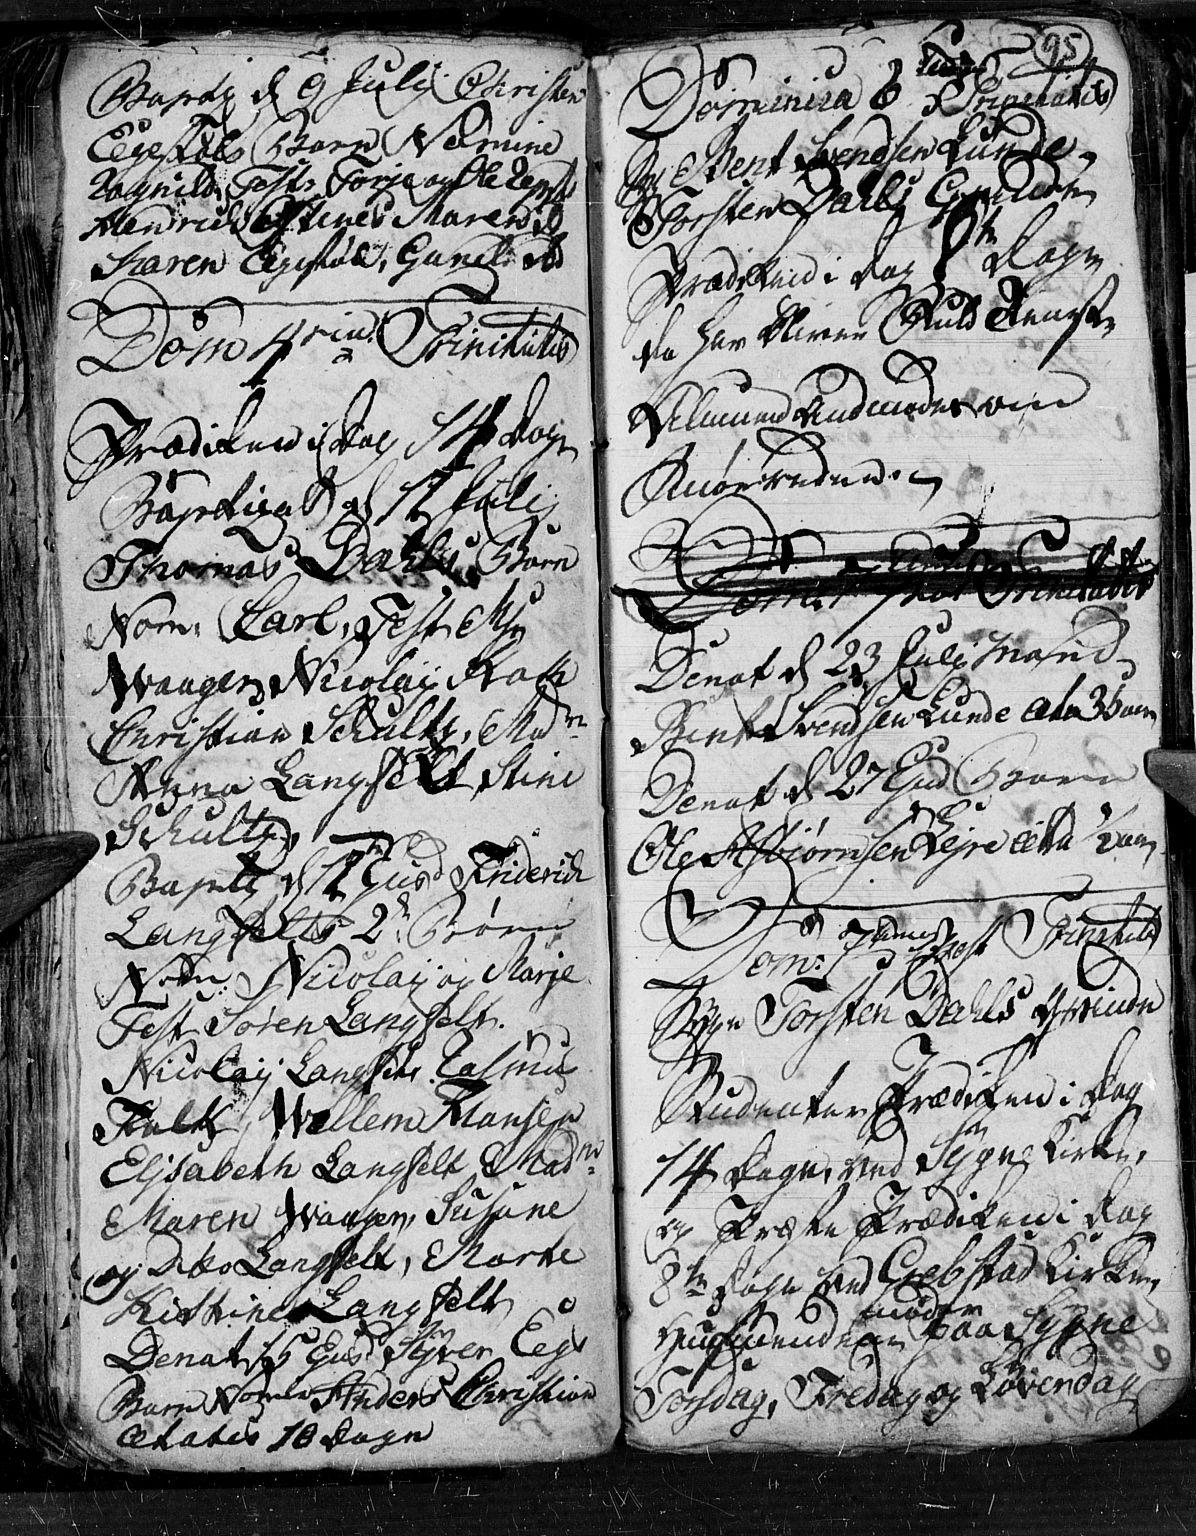 SAK, Søgne sokneprestkontor, F/Fb/Fbb/L0001: Klokkerbok nr. B 1, 1779-1802, s. 95